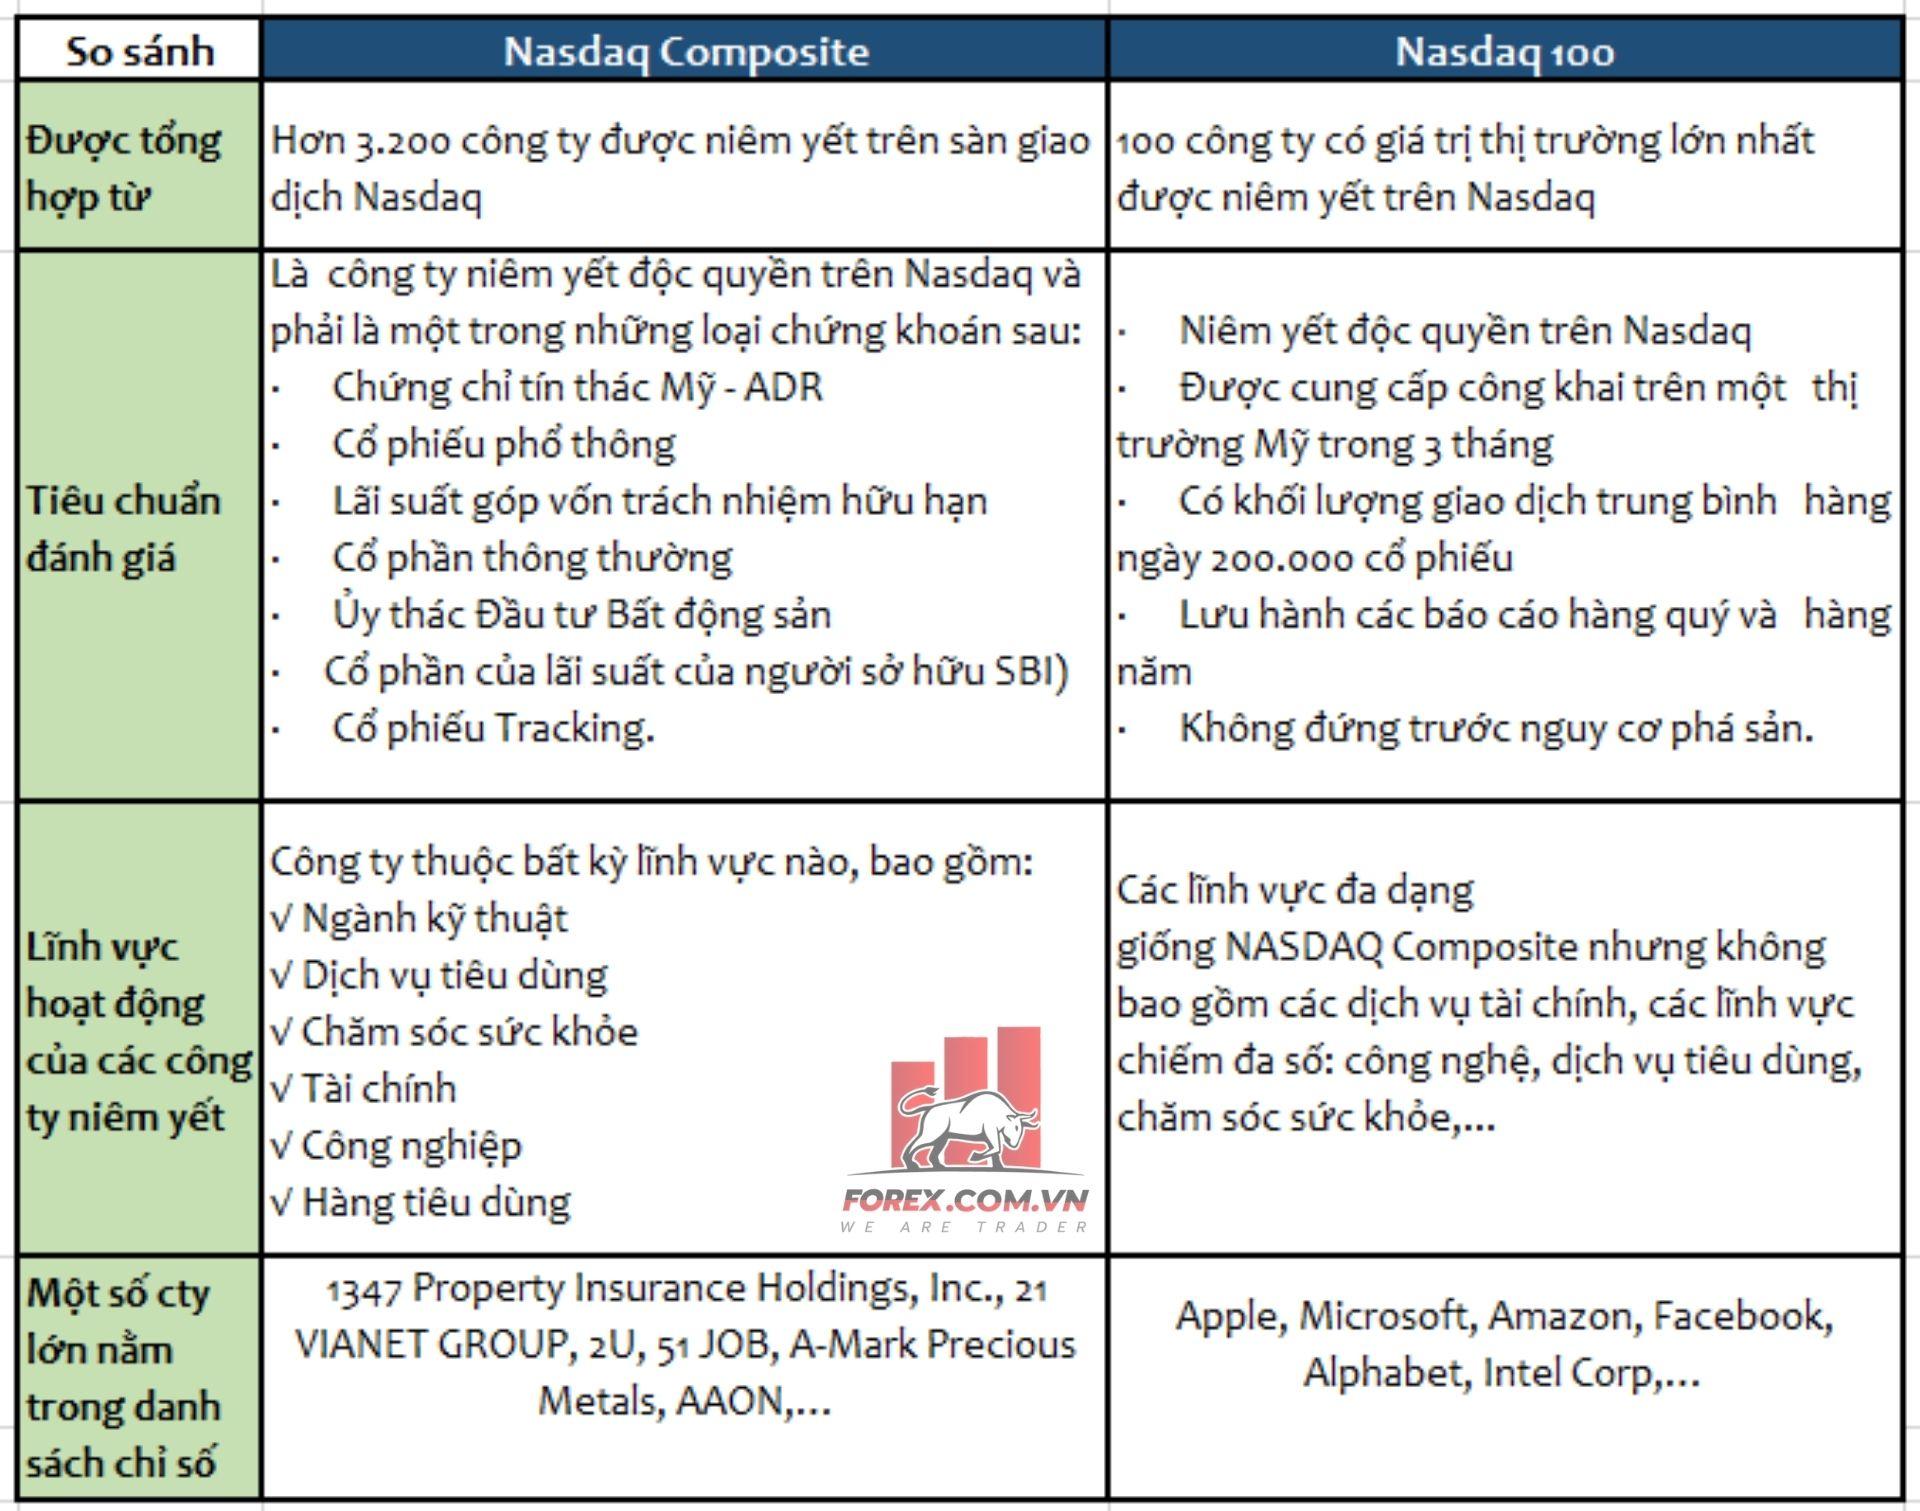 so sánh 2 chỉ số nasdaq